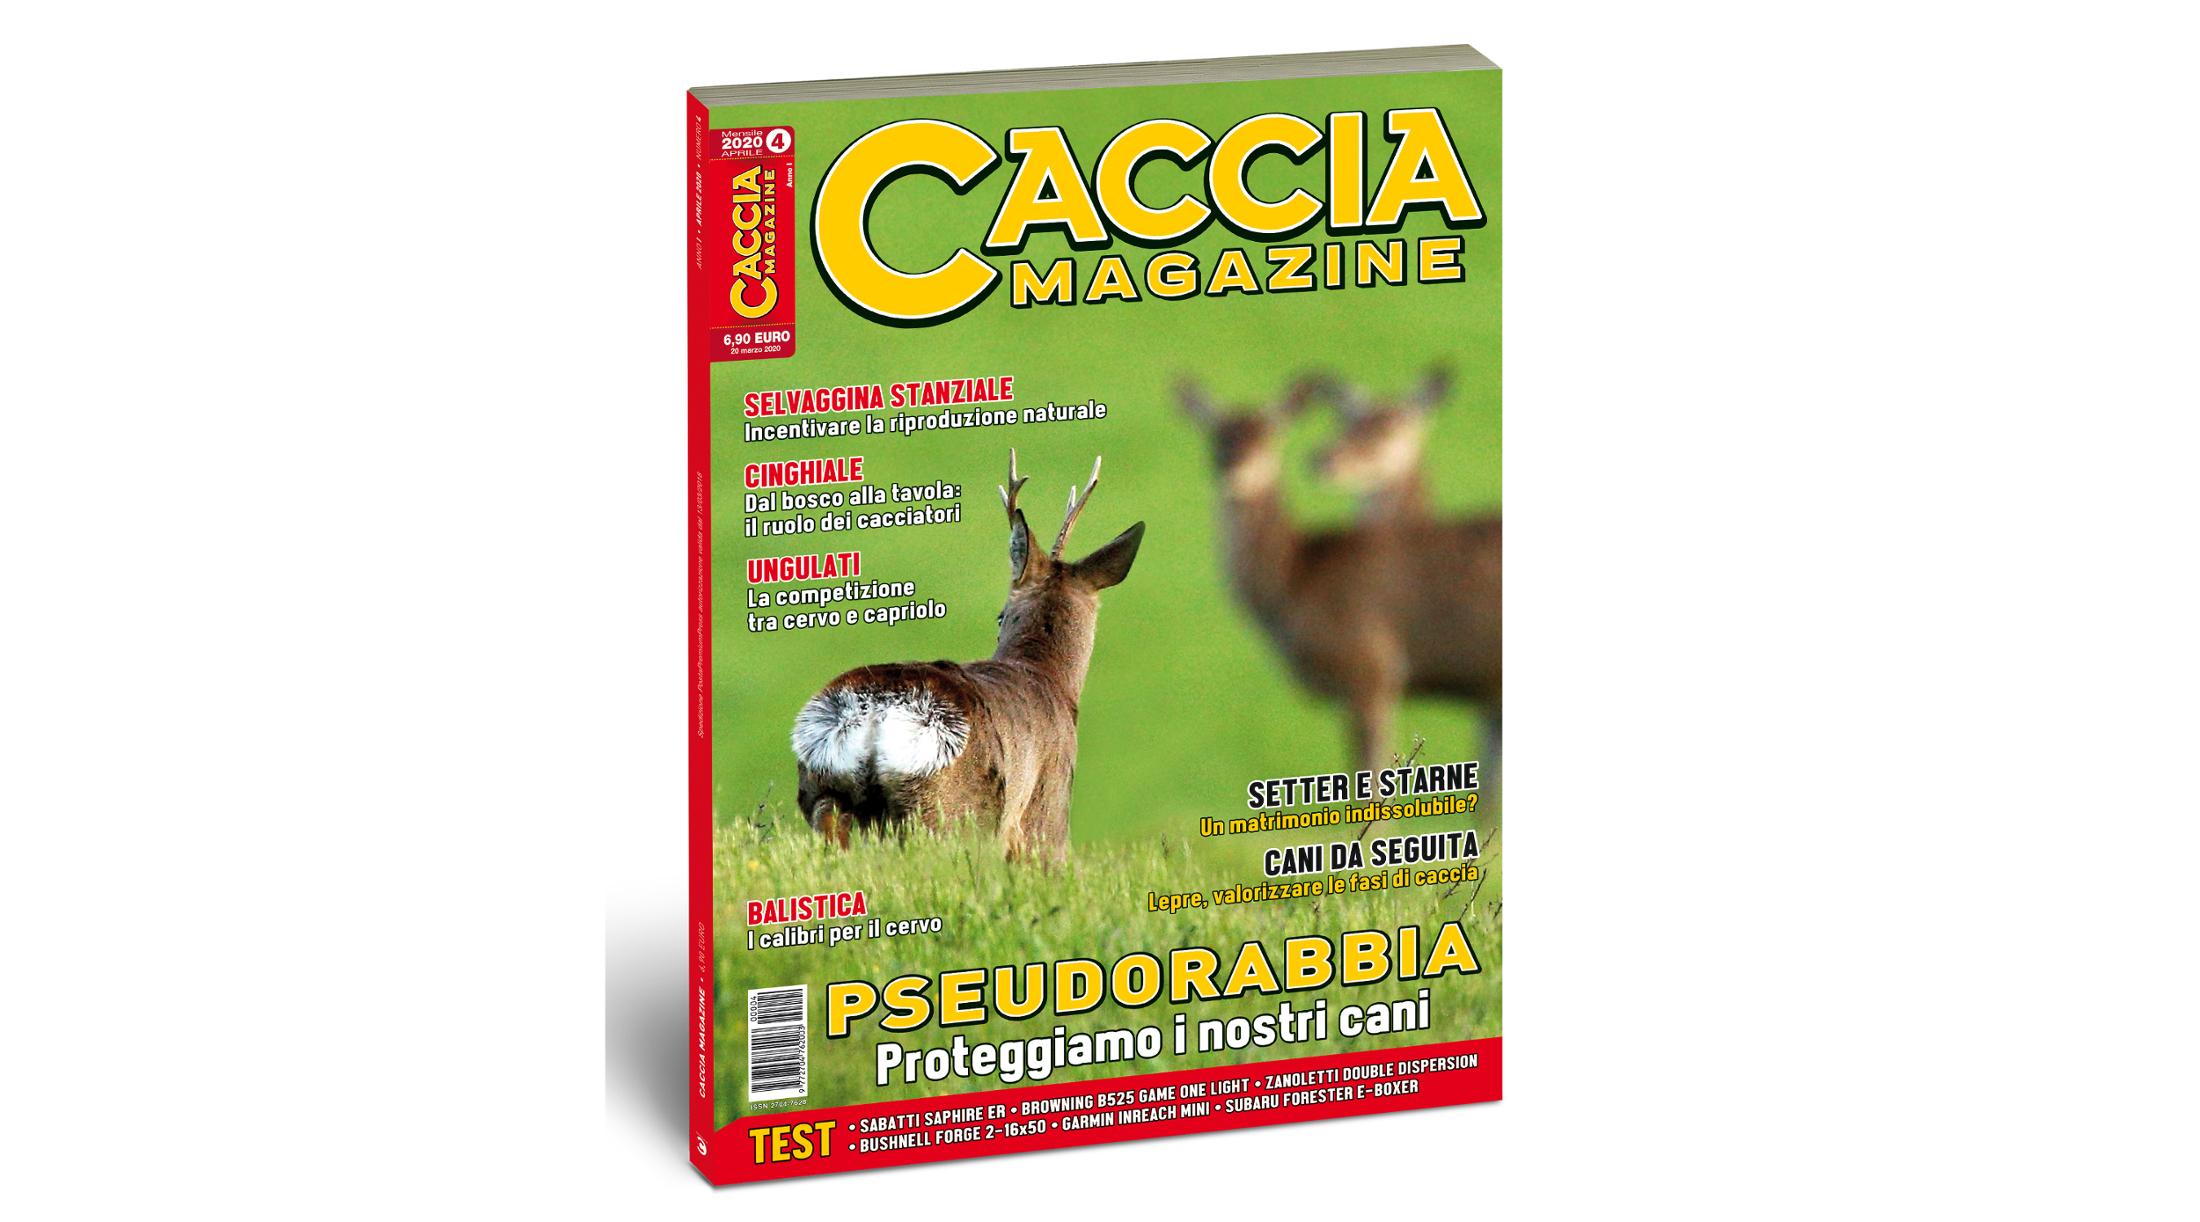 Caccia Magazine aprile 2020 è in edicola